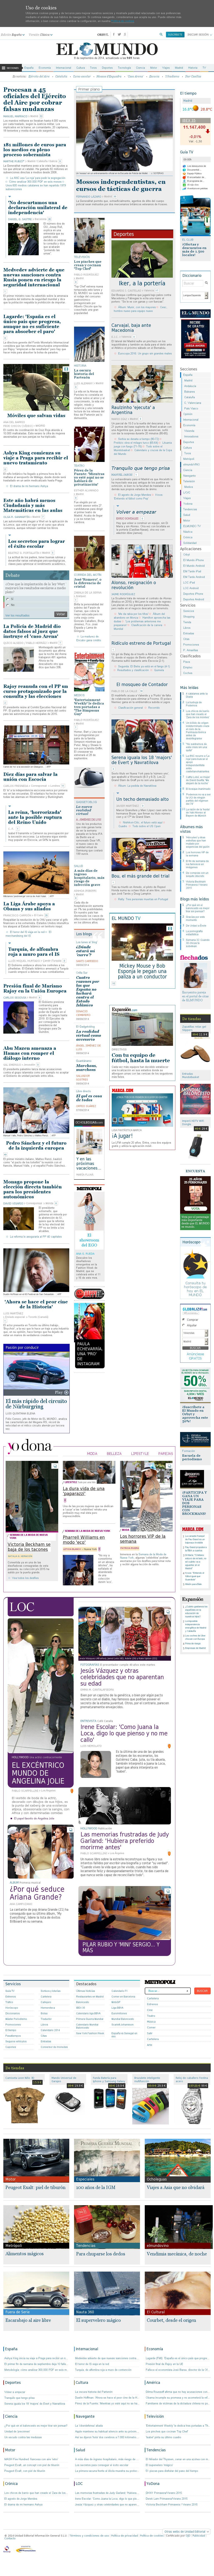 El Mundo at Monday Sept. 8, 2014, 7:09 a.m. UTC